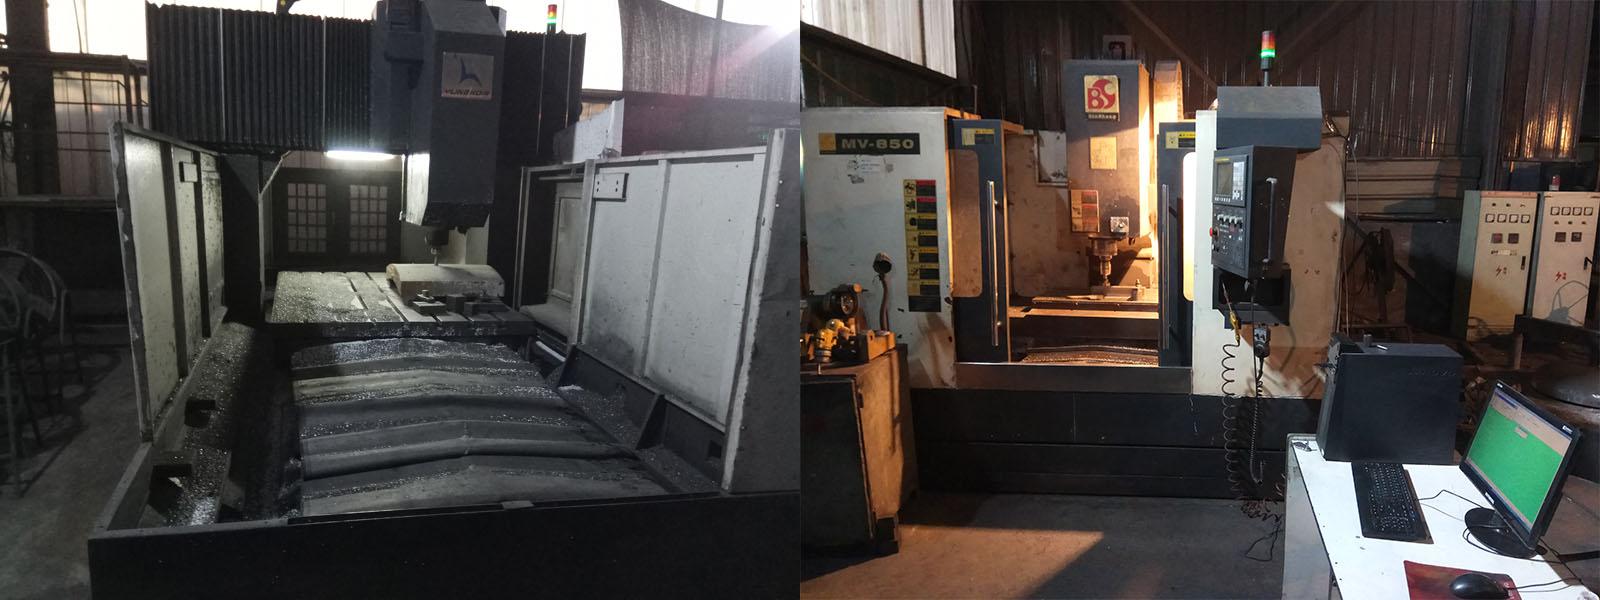 Литая мебель производство на заказ мебель патио столы и стулья для загородного дома